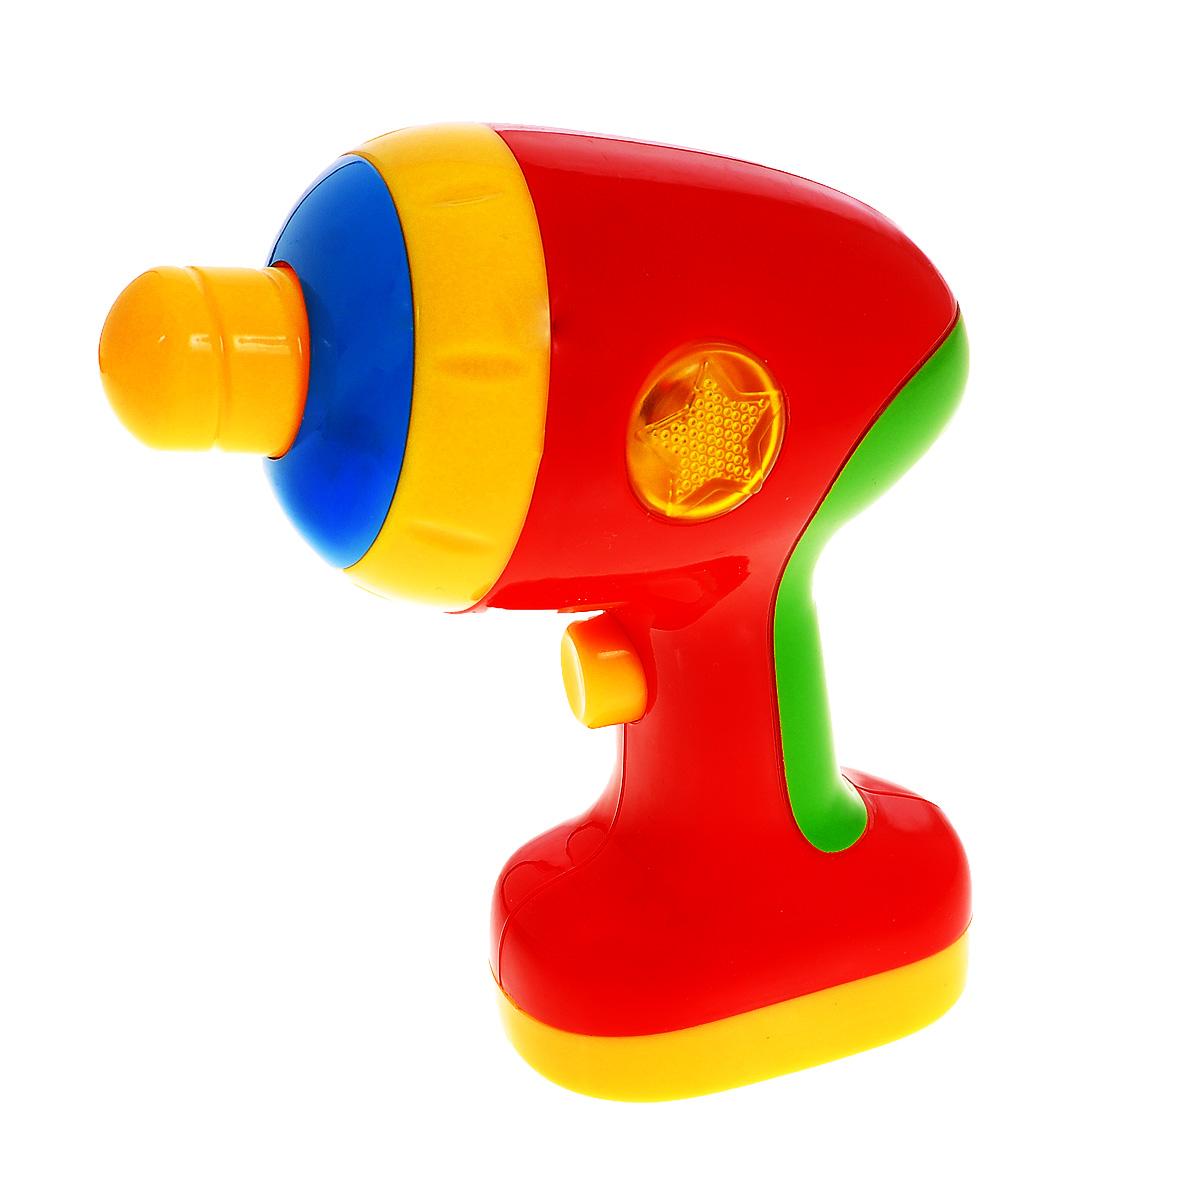 Музыкальная игрушка Малышарики Дрель, со звуковыми эффектамиMSH0303-008Музыкальная игрушка Малышарики Дрель - это не только веселая, но и полезная игрушка для малыша, которая не позволит ему скучать. С такой игрушкой малыш сможет познакомиться с миром звуков, а благодаря ярким световым и звуковым эффектам, игра будет еще интереснее. Игрушка выполнена из безопасного прочного пластика ярких цветов в виде дрели. При нажатии на кнопку включения, расположенную на ручке дрели, сверло начнет вращаться, зазвучит веселая мелодия и загорятся огоньки на корпусе игрушки. Игры с такой игрушкой развивают мелкую моторику, концентрацию внимания, творческие способности, слуховое восприятие и координацию движений малыша. Необходимо докупить 2 батарейки напряжением 1,5V типа ААА (в комплект не входят).